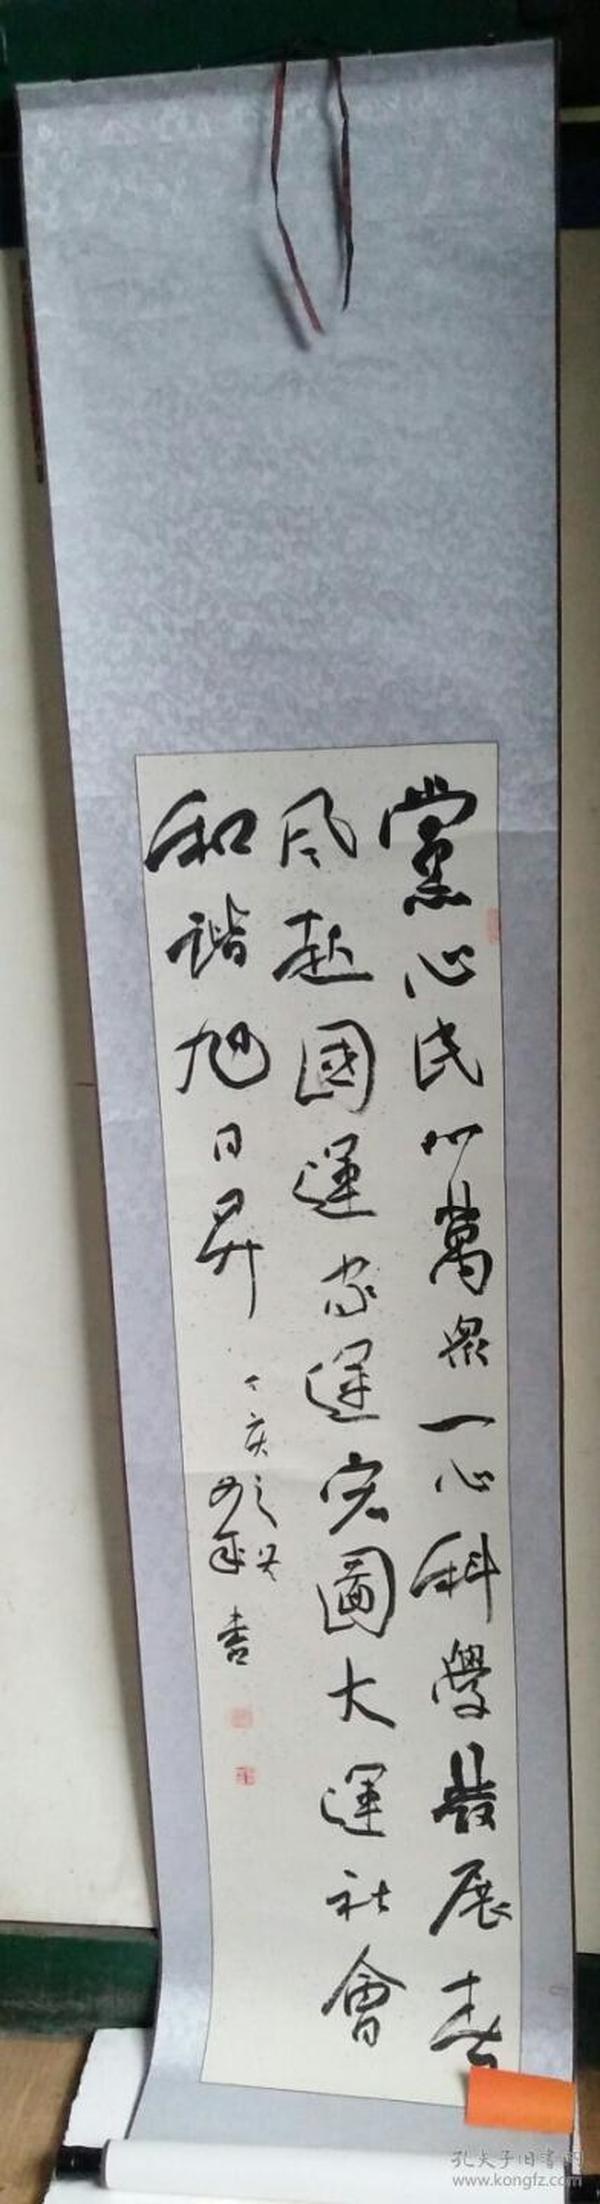 刘文成获奖书法